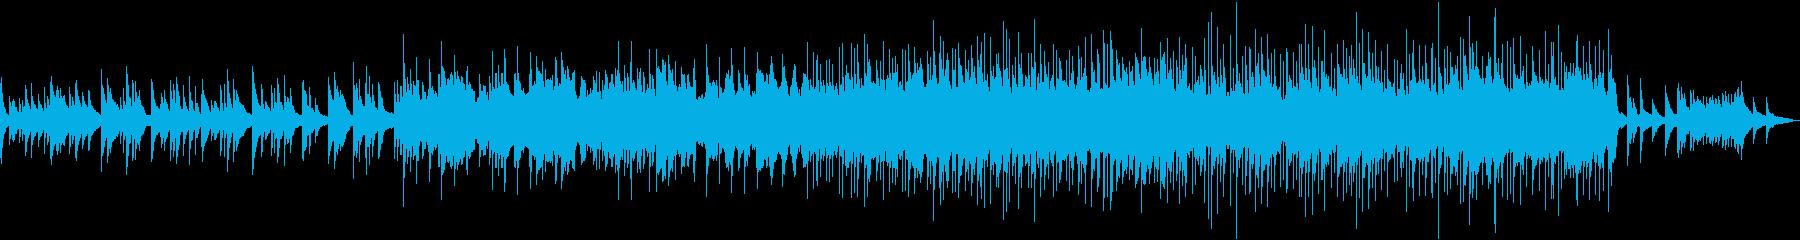 古くて素朴なピアノの旋律がなつかしい曲の再生済みの波形